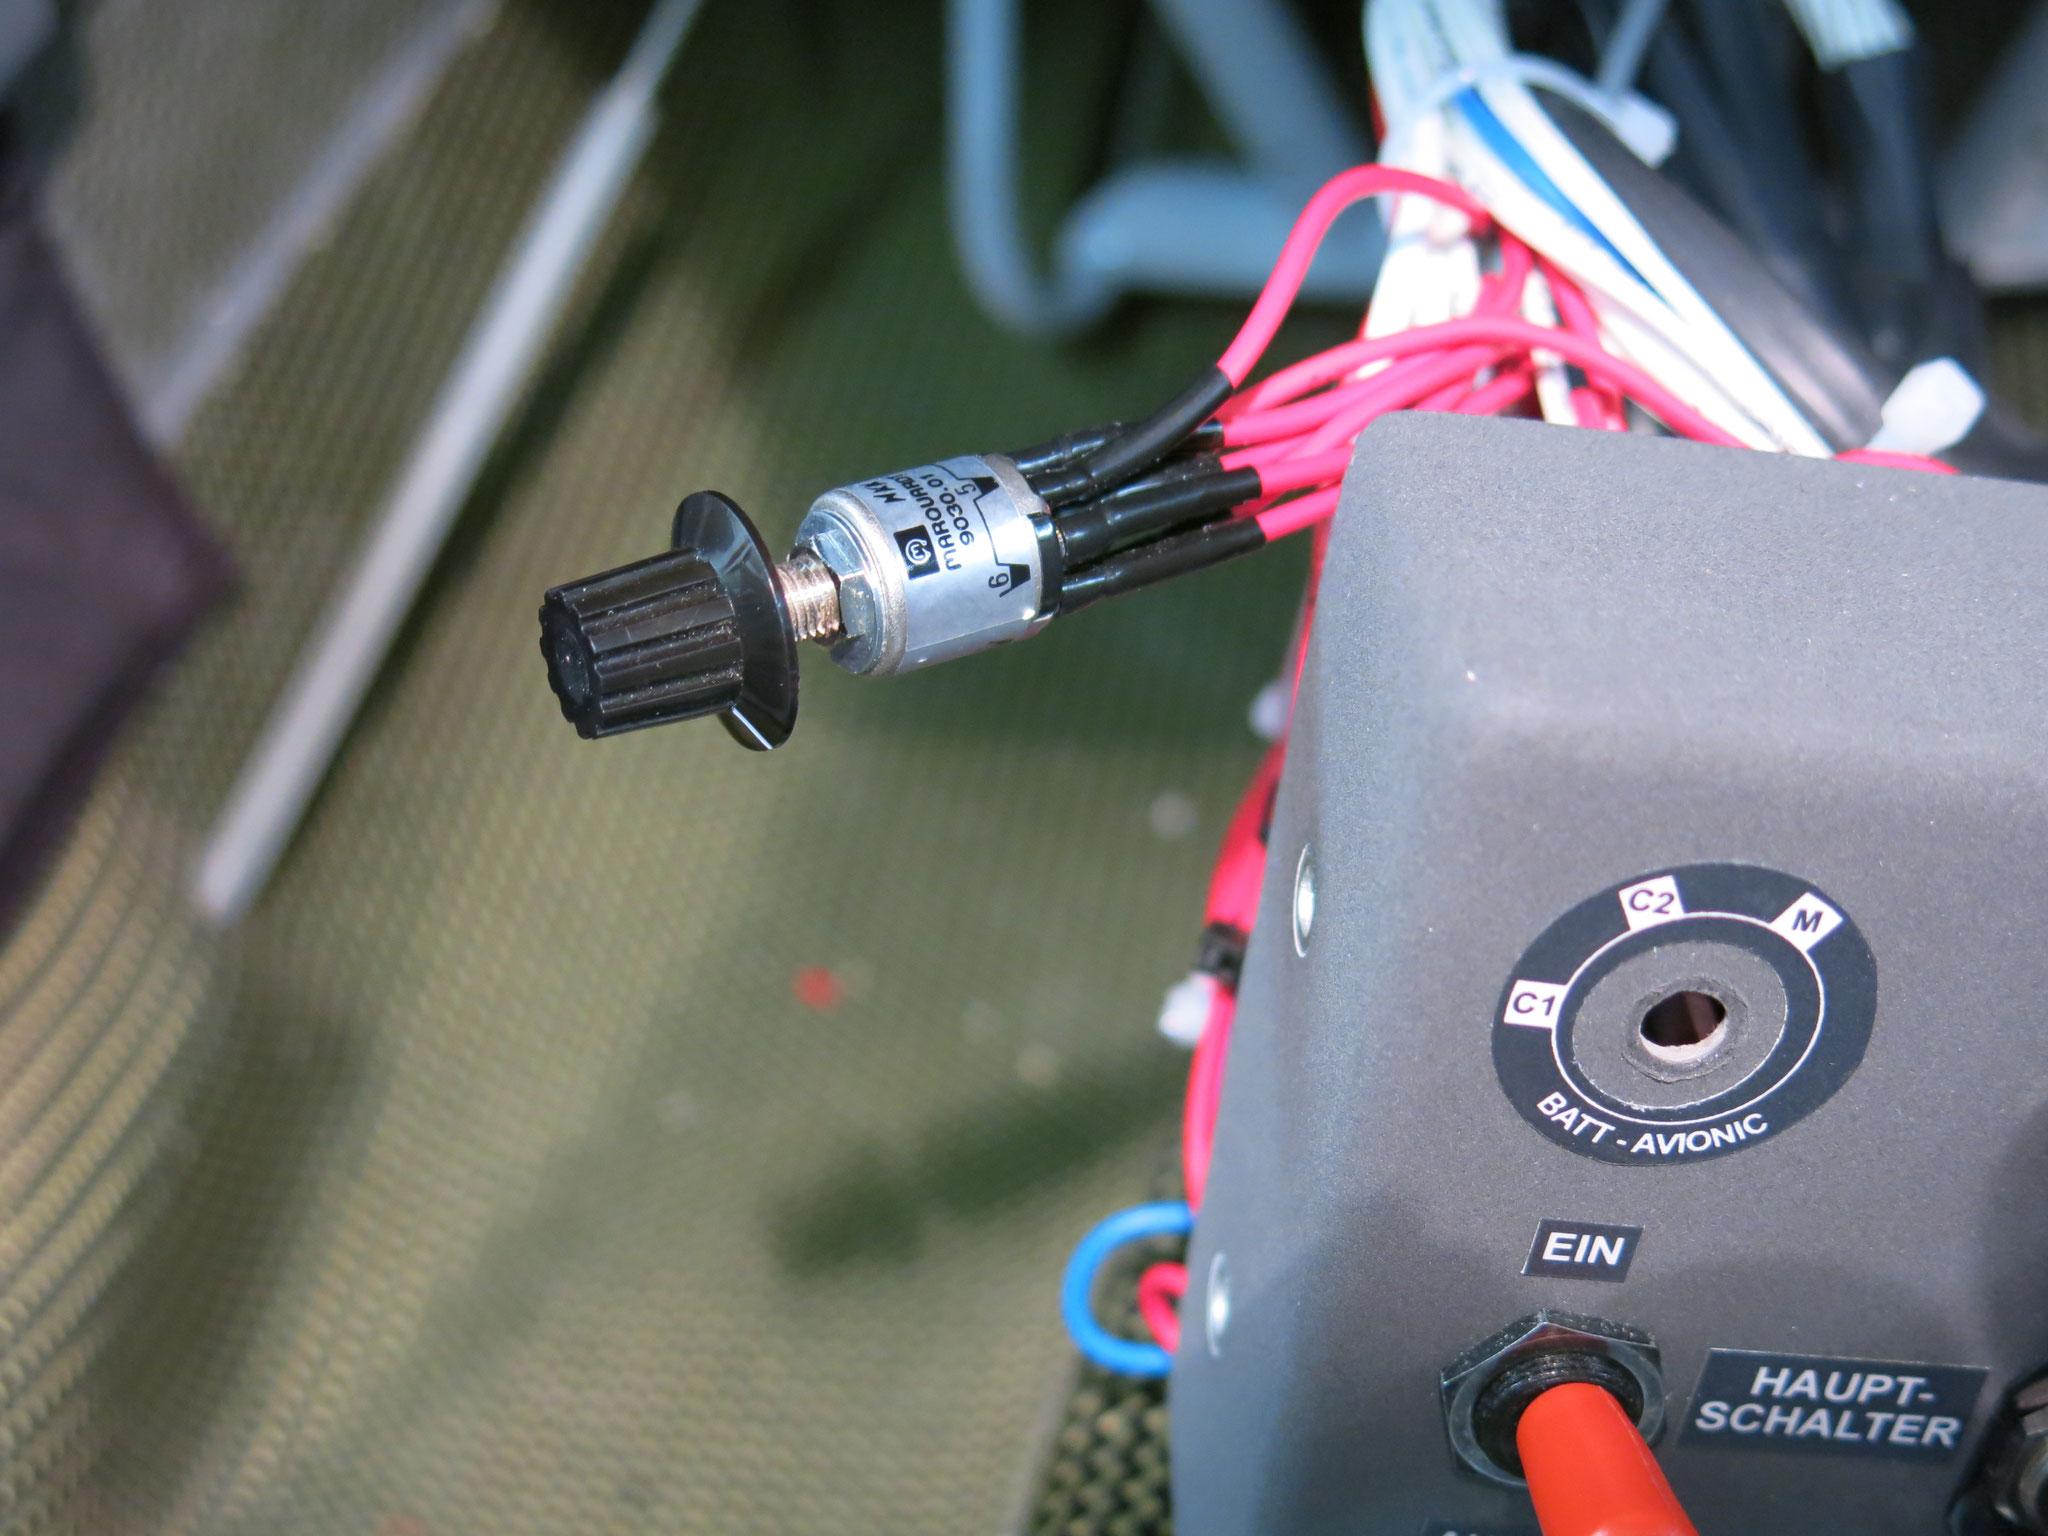 Ausbau des fehlerhaft kodierten Batteriewahlschalters